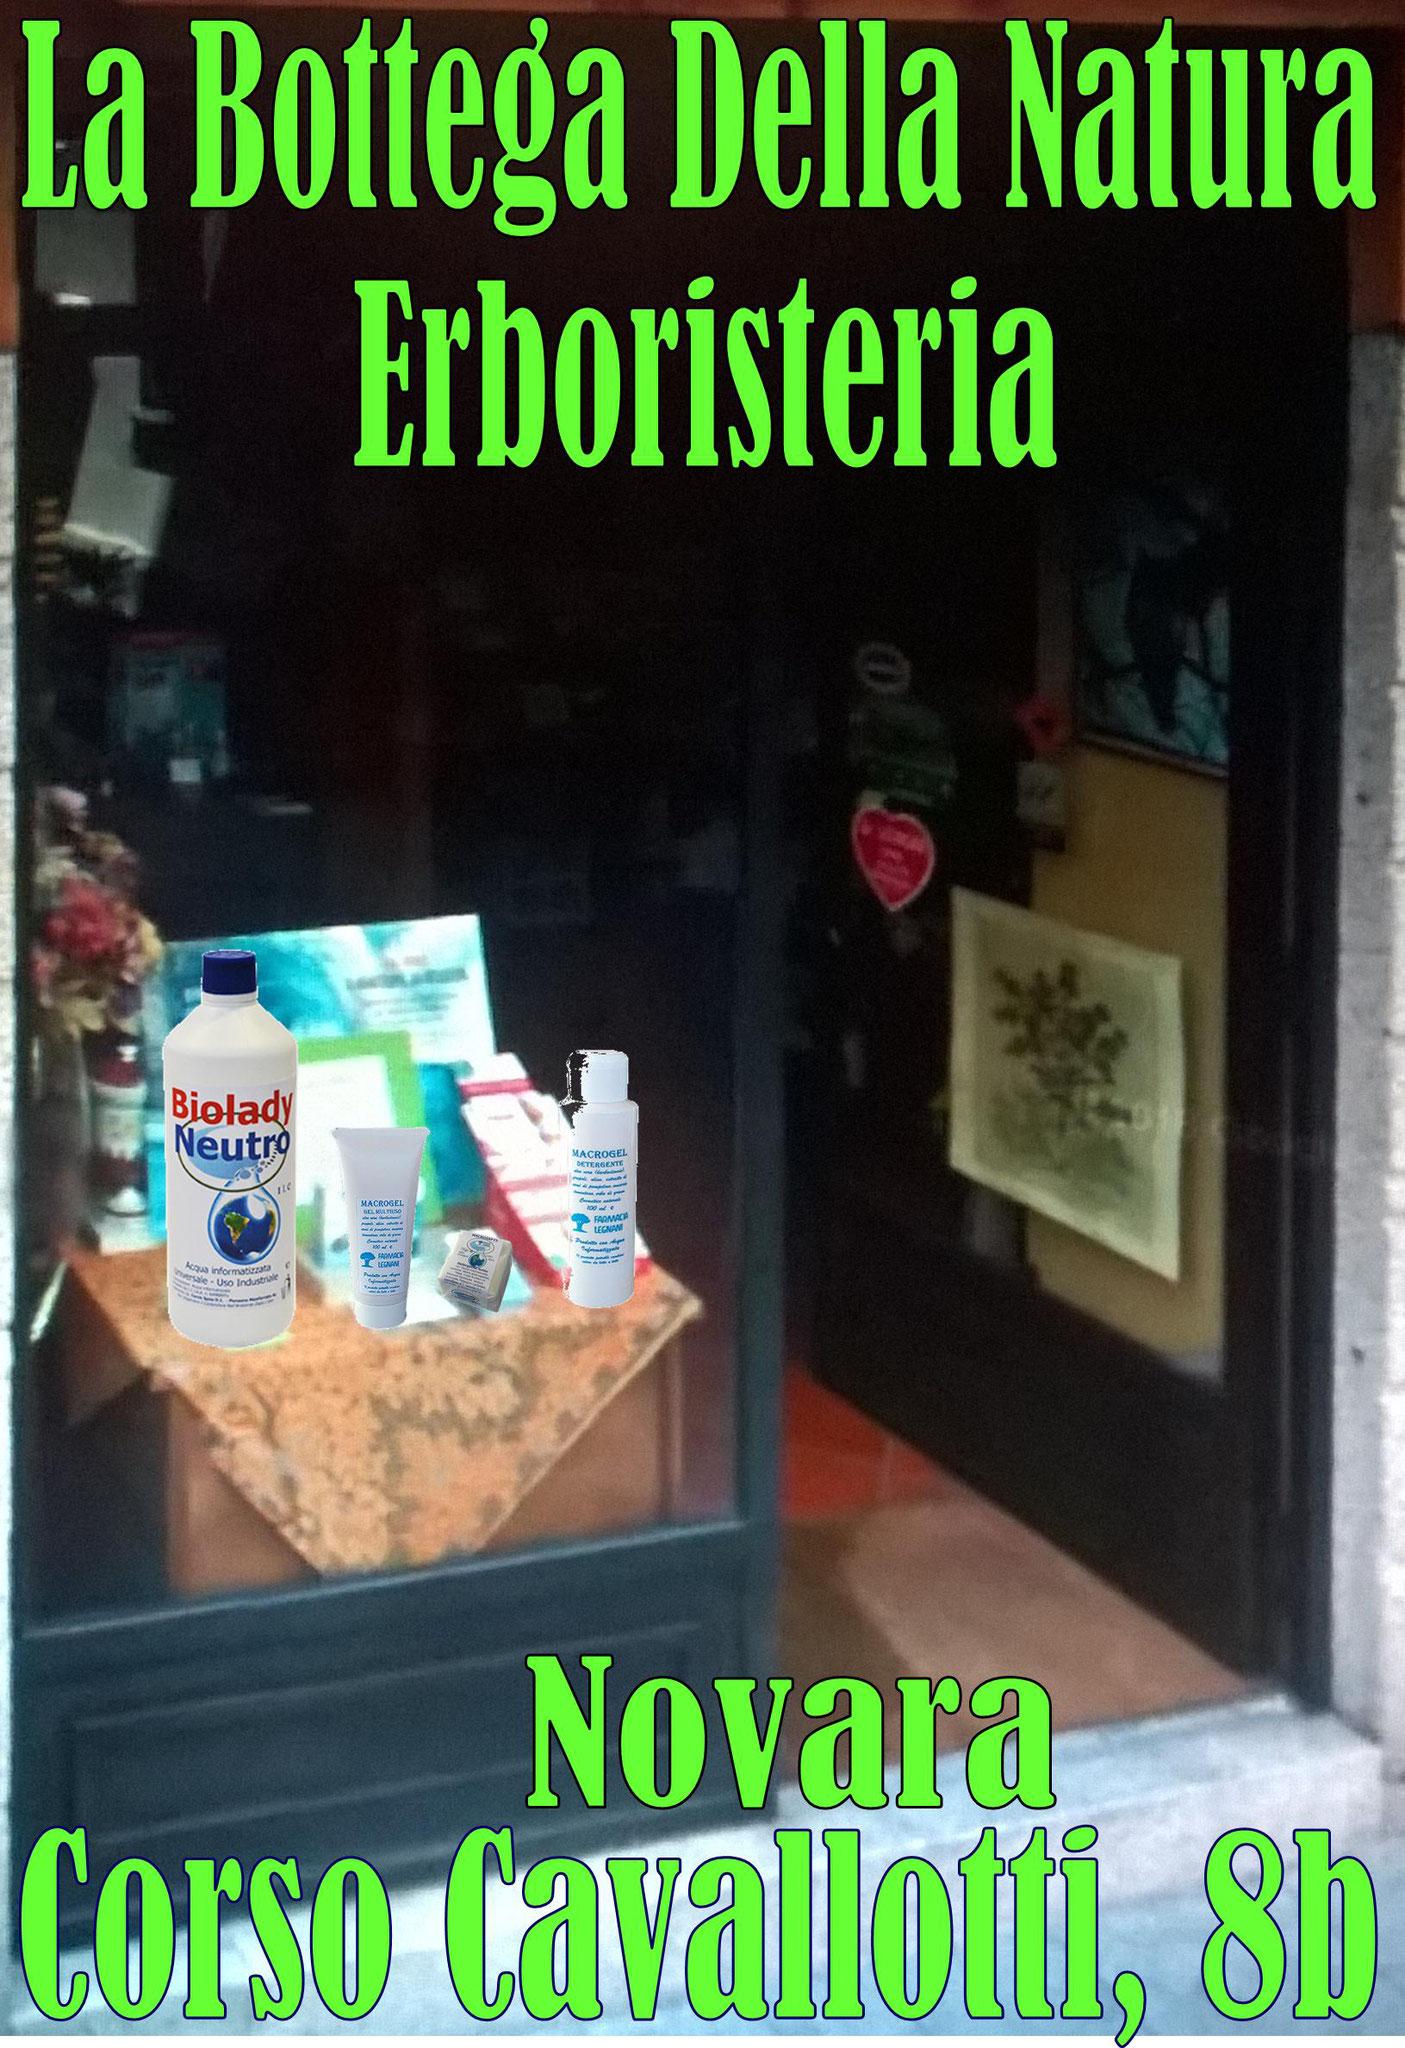 La Bottega Della Natura di Novara, Rinnova..... il Gradito Ordine, Della Gamma